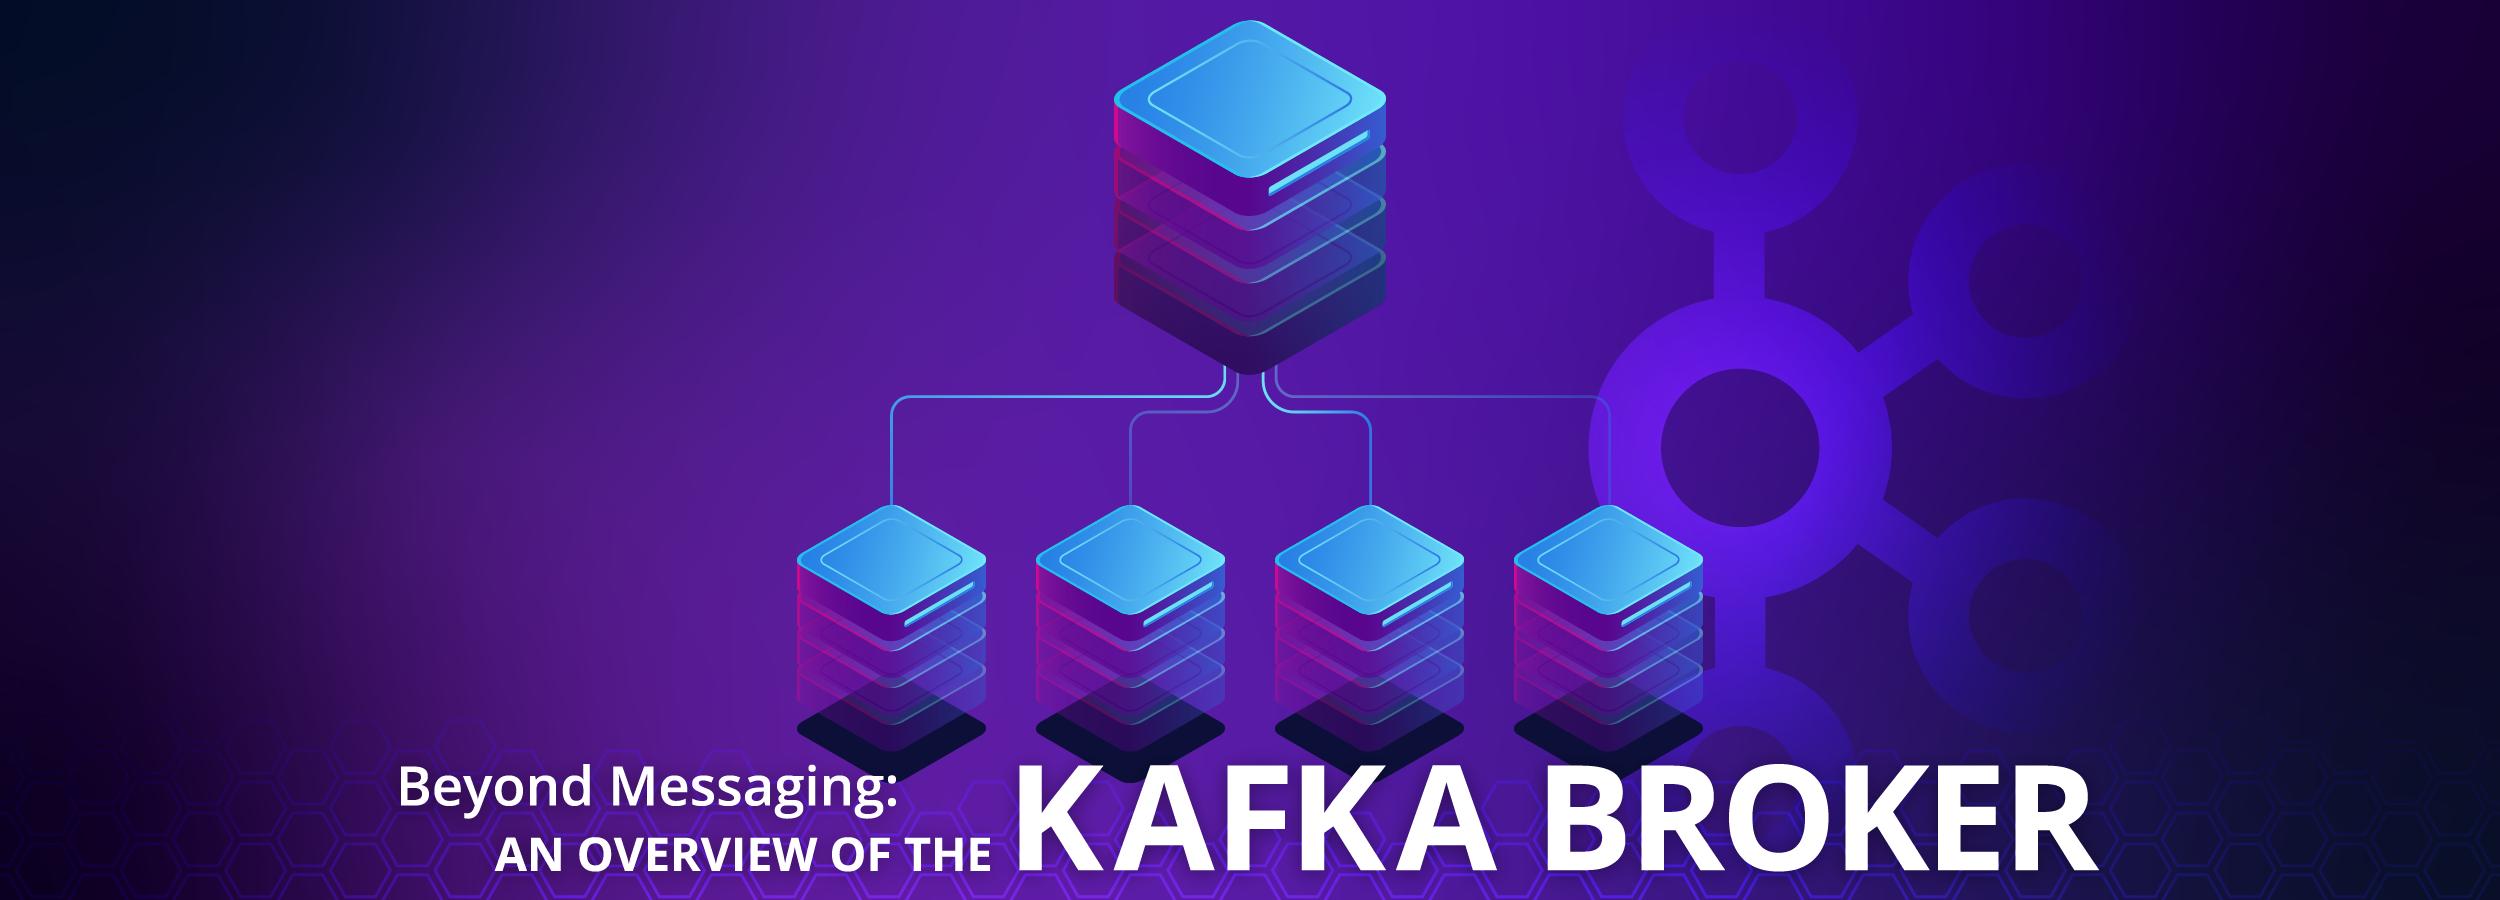 Beyond Messaging: An Overview of the Kafka Broker